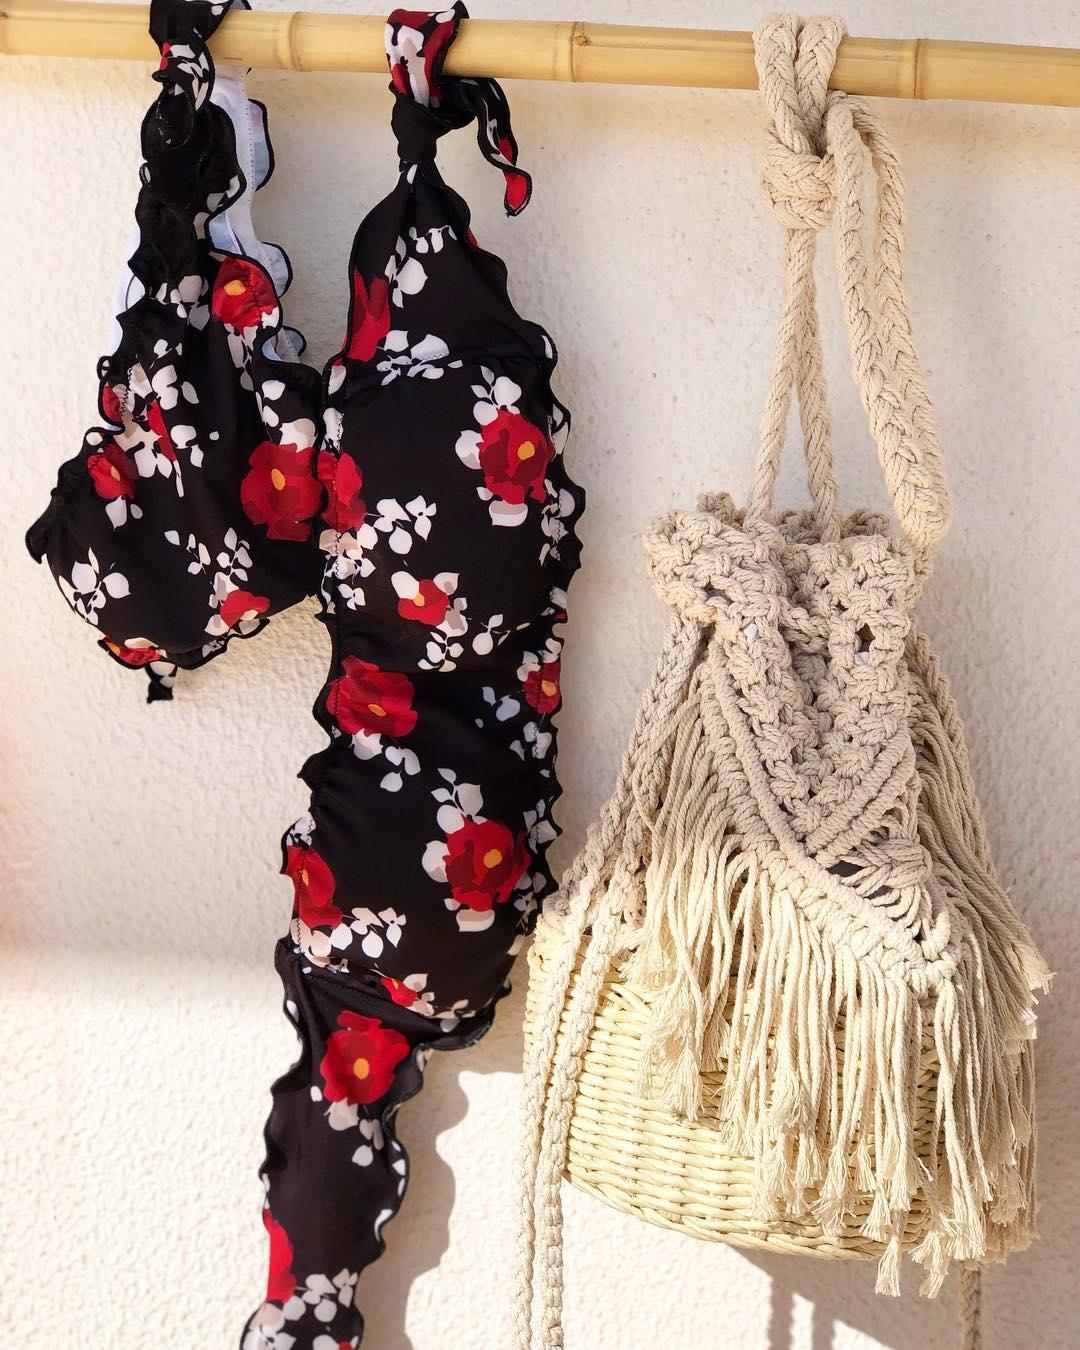 Οδηγός Αγοράς: 8 bohemian τσάντες σε γήινες αποχρώσεις για το καλοκαίρι